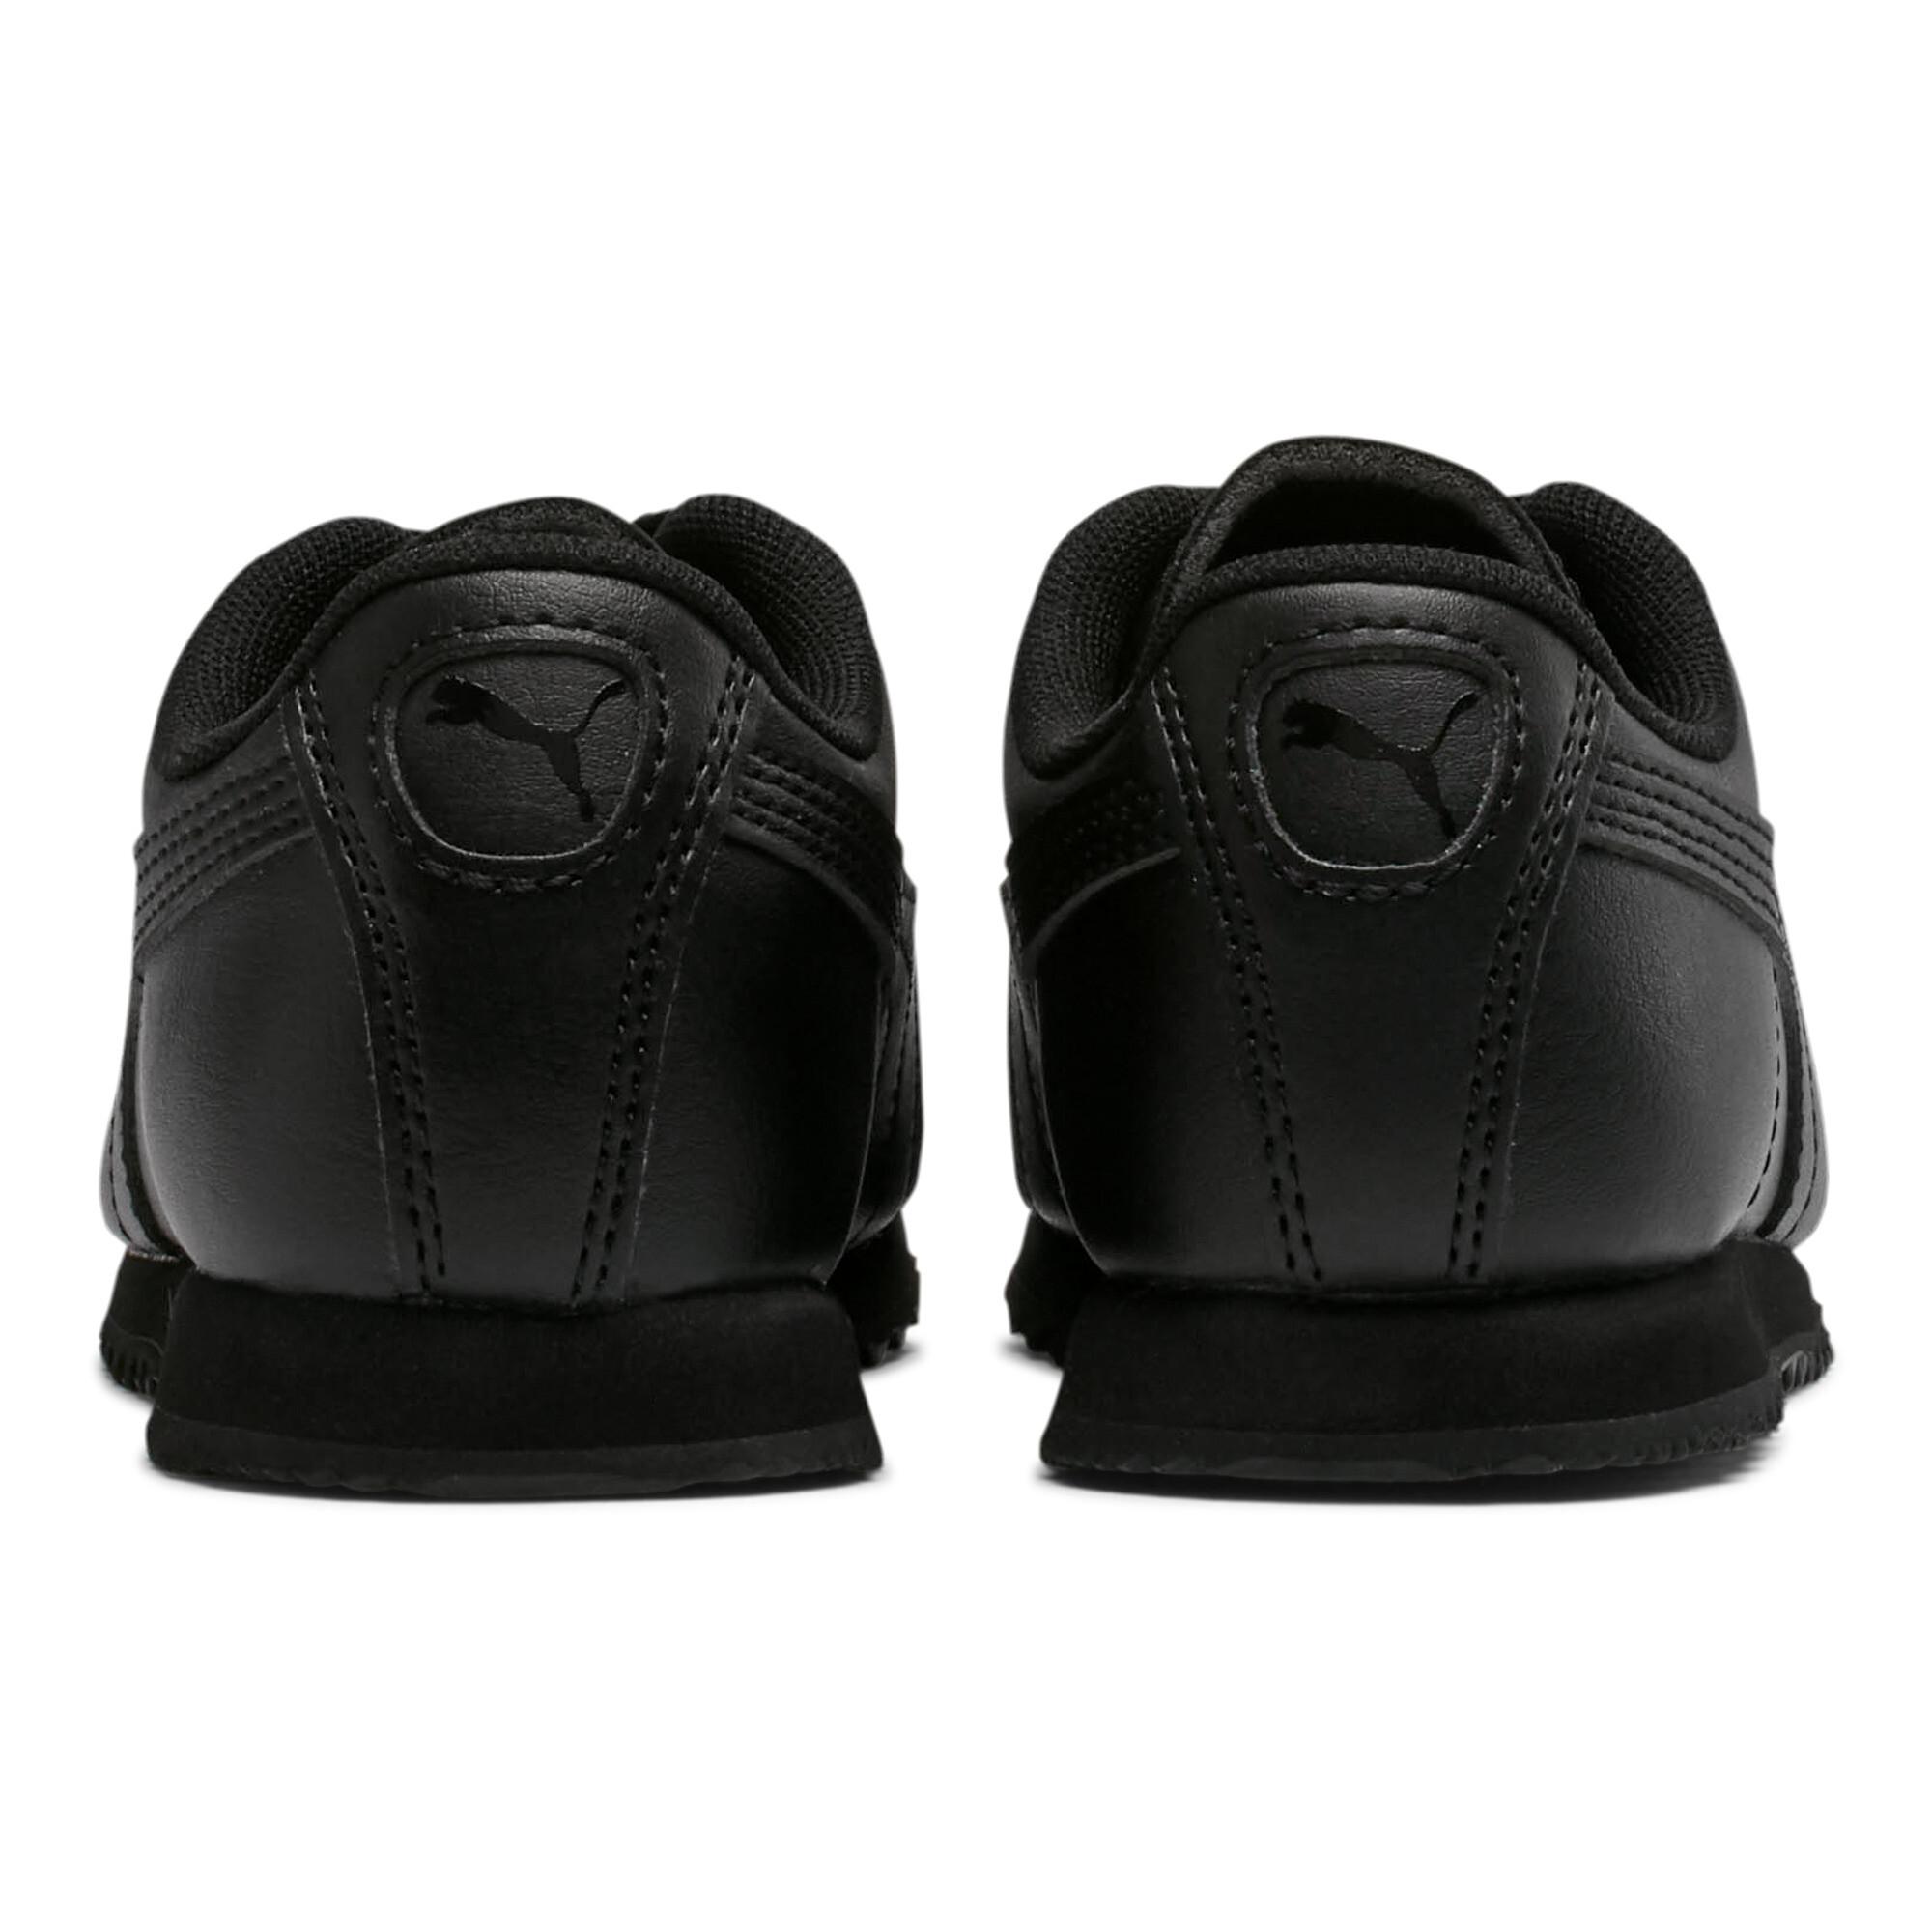 PUMA-Roma-Basic-Little-Kids-039-Shoes-Kids-Shoe-Kids thumbnail 3